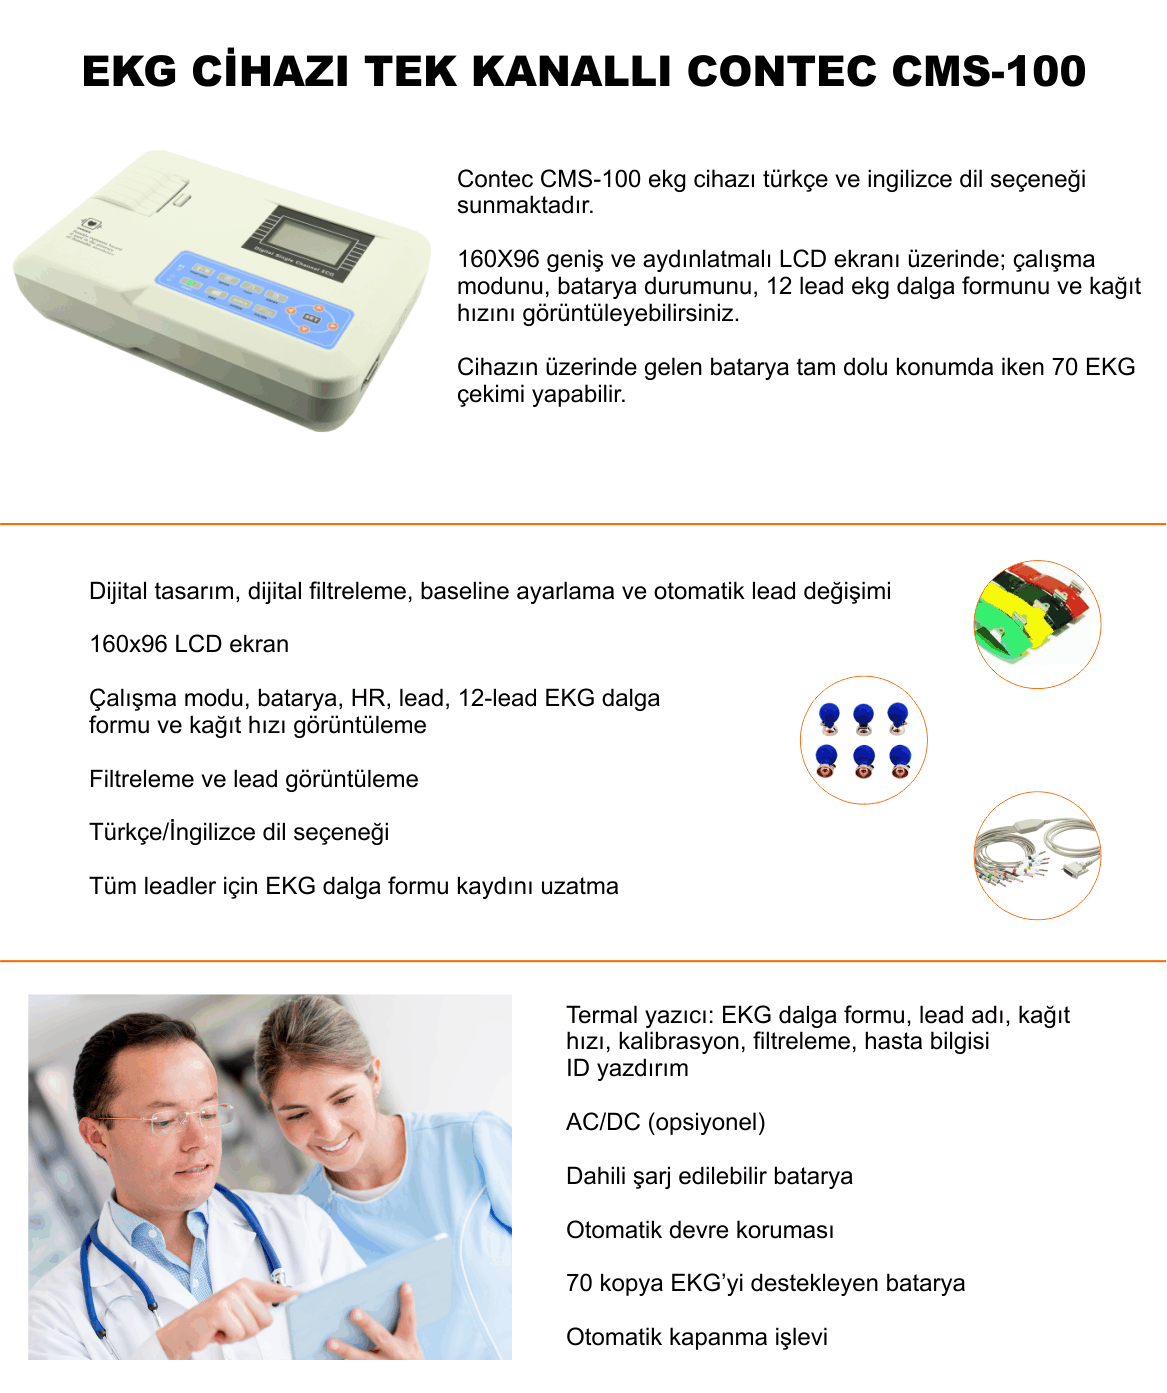 EKG CİHAZI TEK KANALLI CONTEC CMS-100 -sezermedikalcom